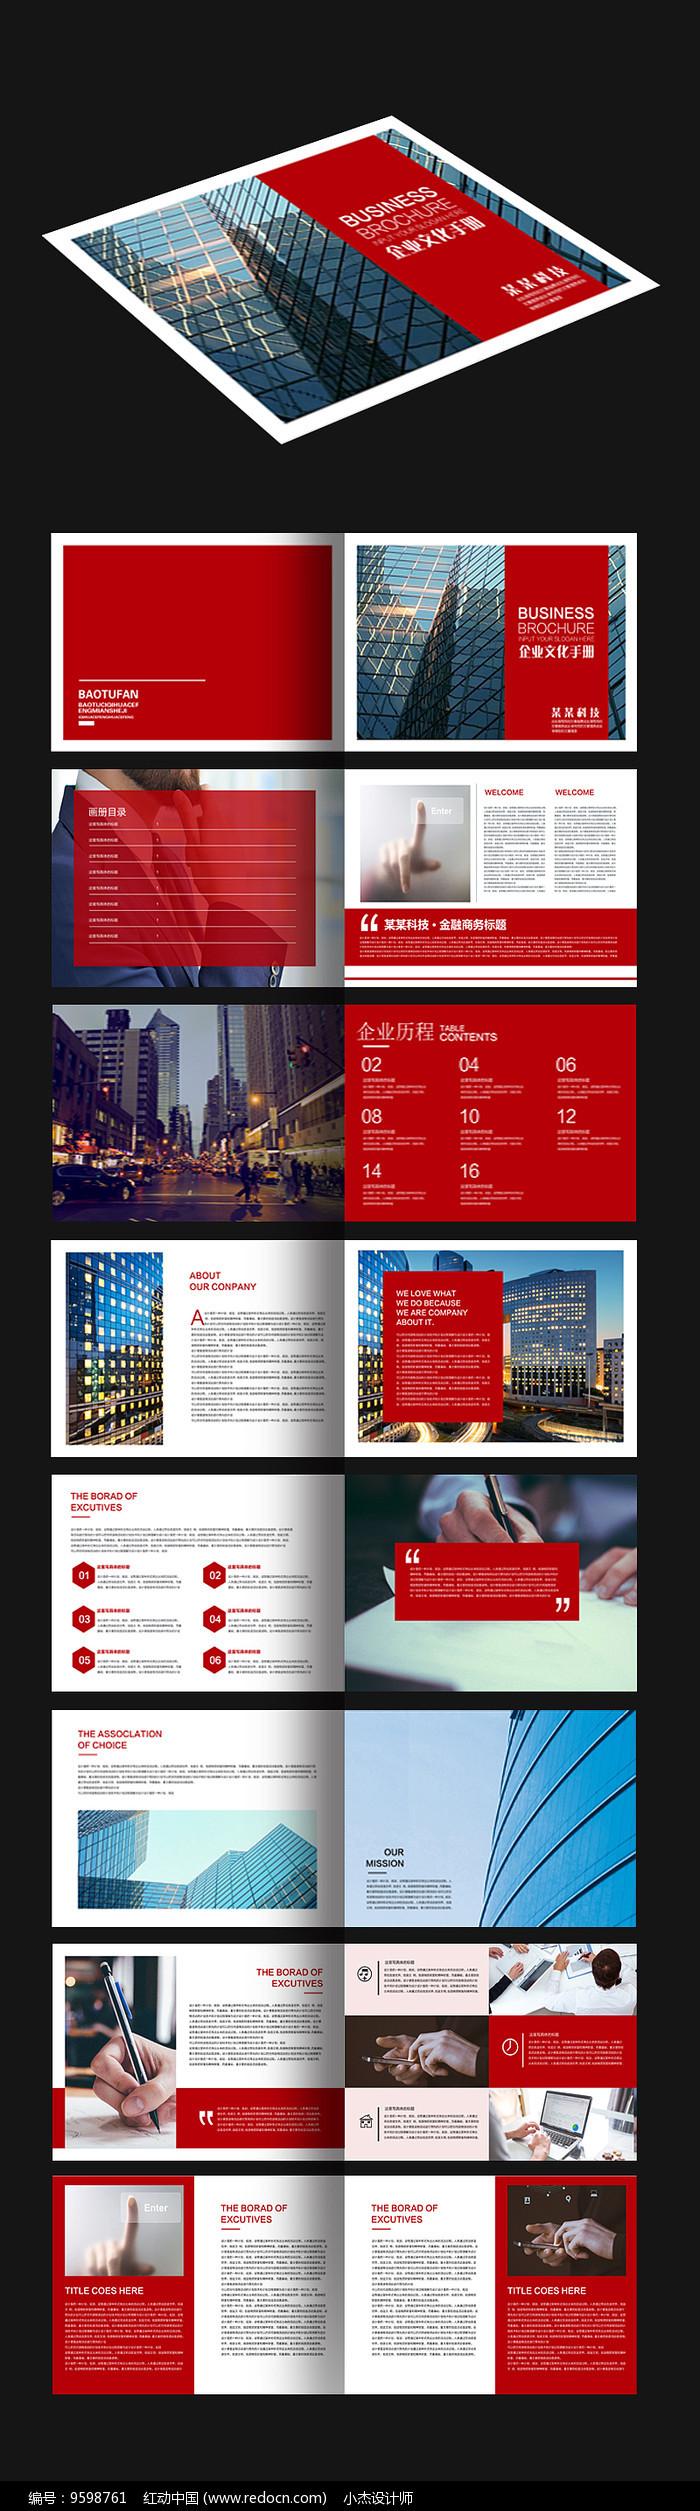 红色创意几何企业宣传册图片